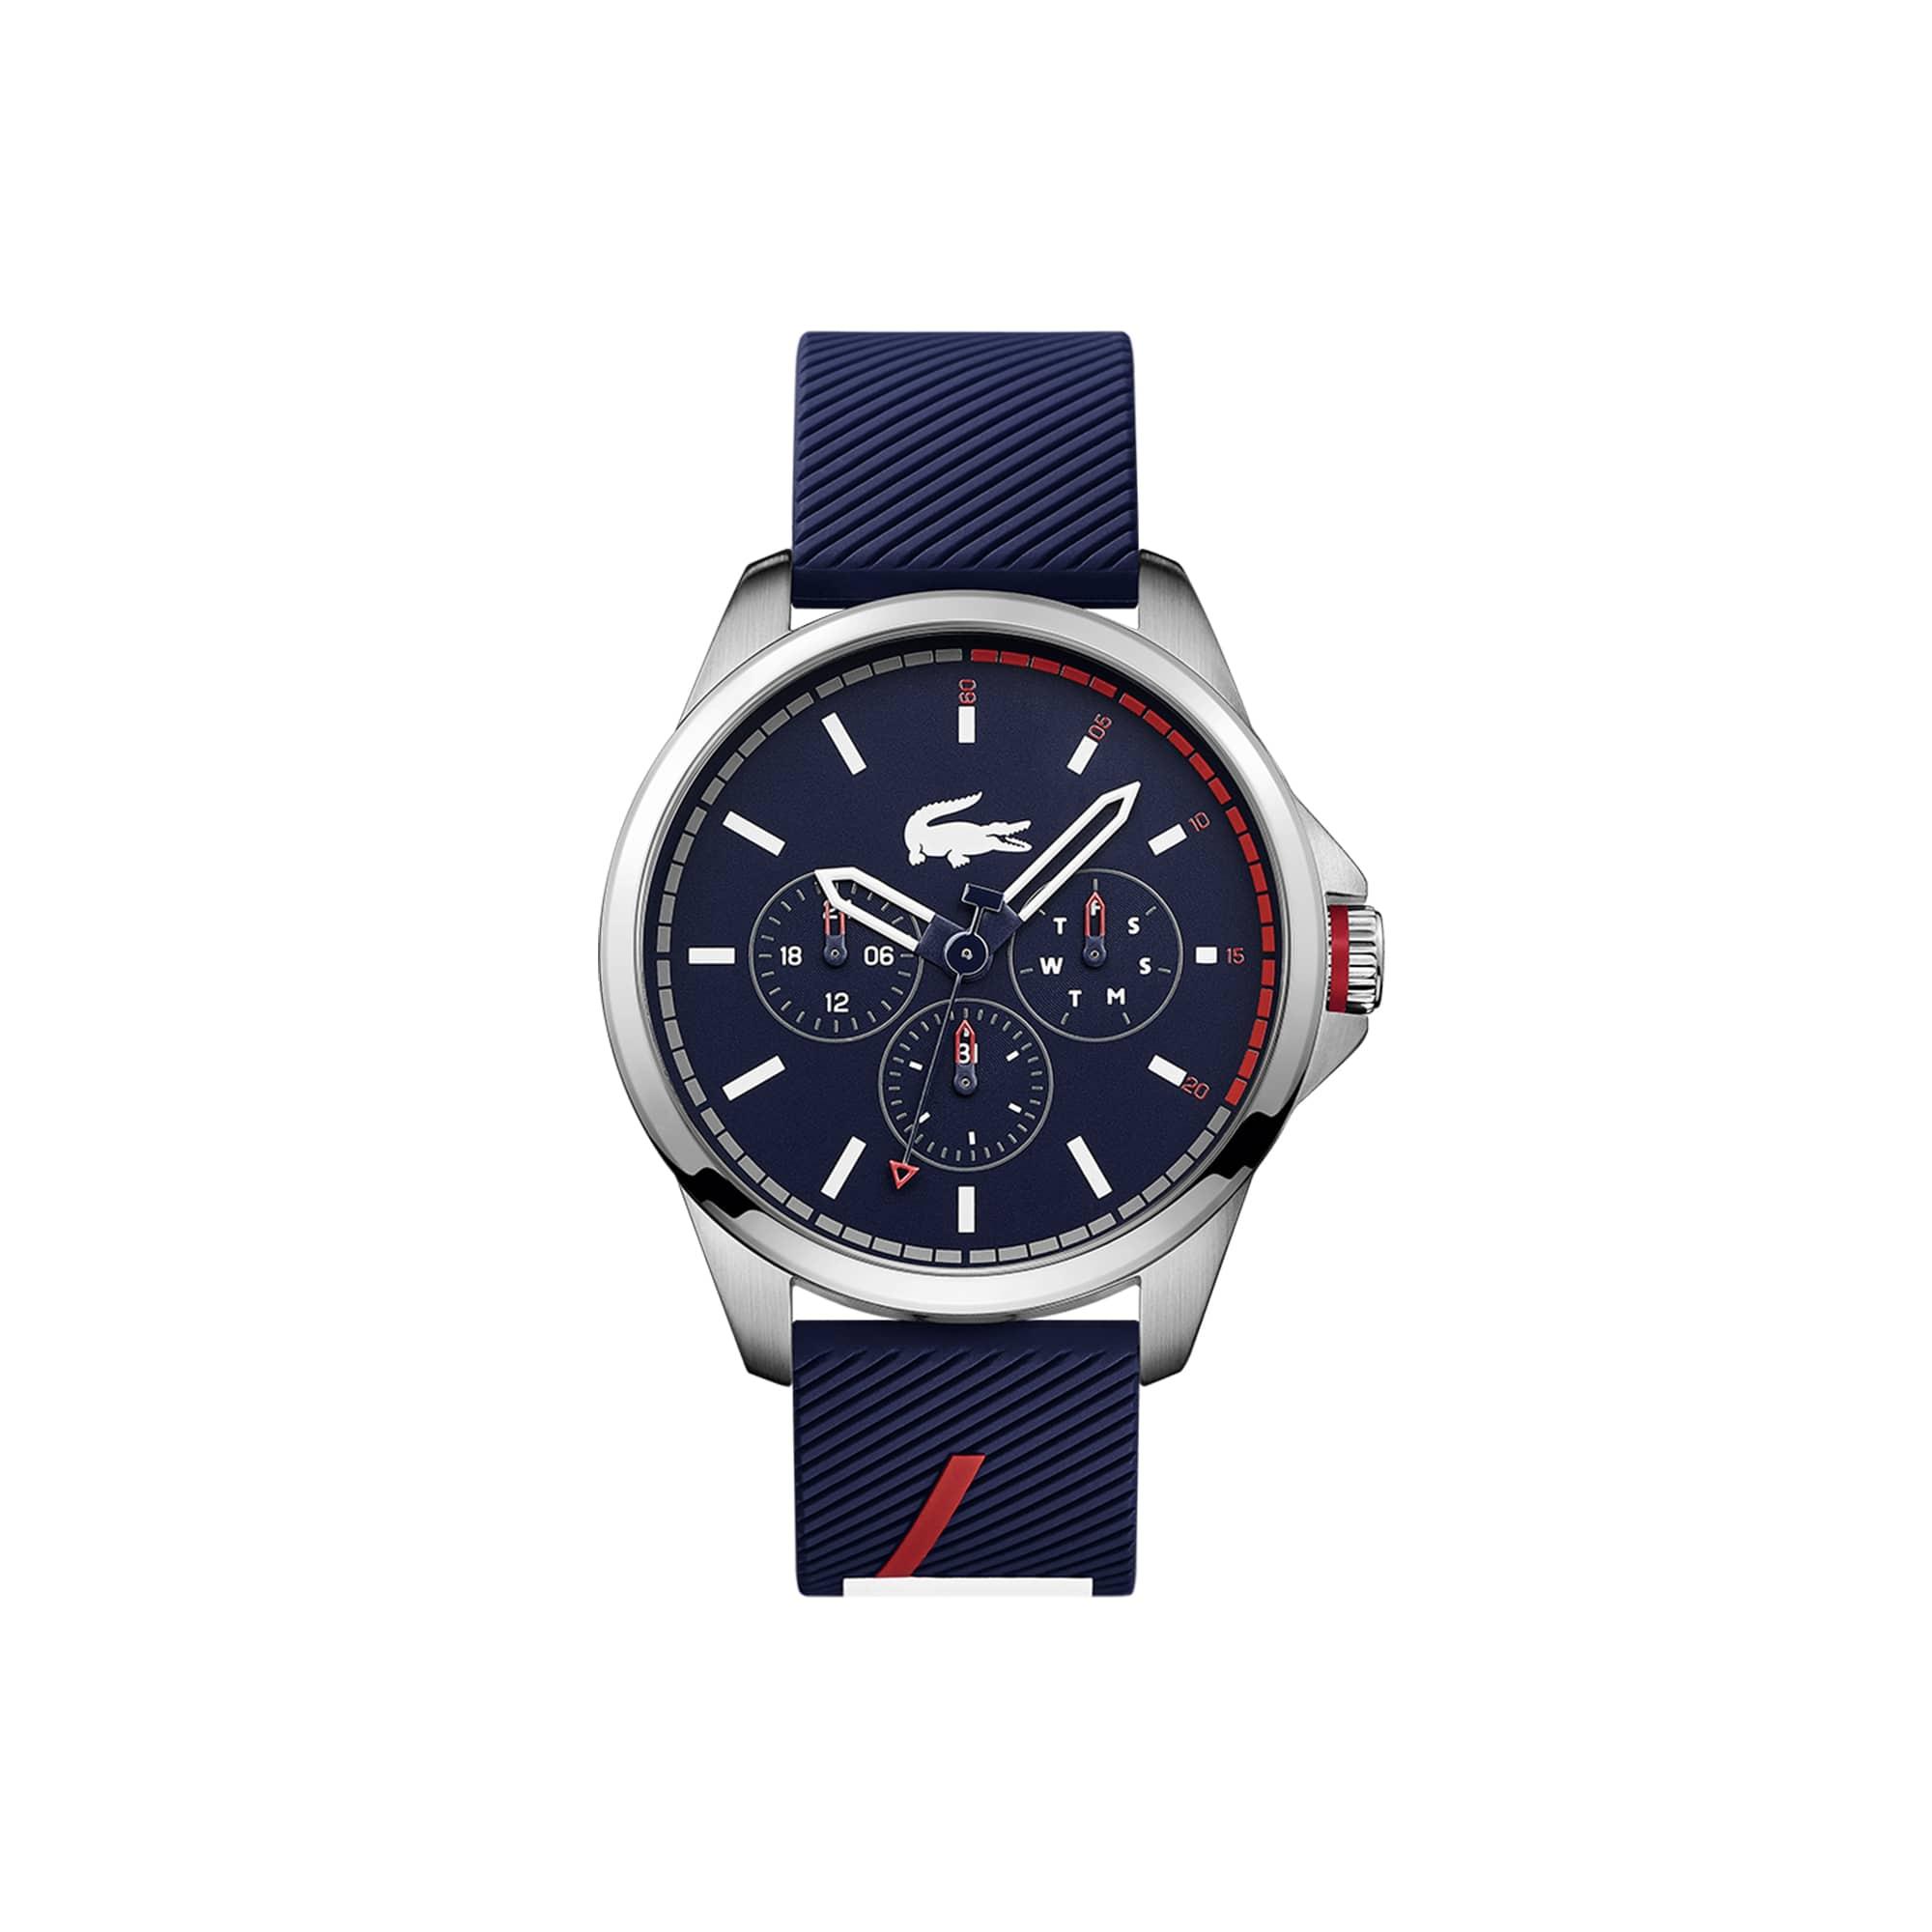 Relógio multifunções Capbreton de homem com bracelete de silicone azul